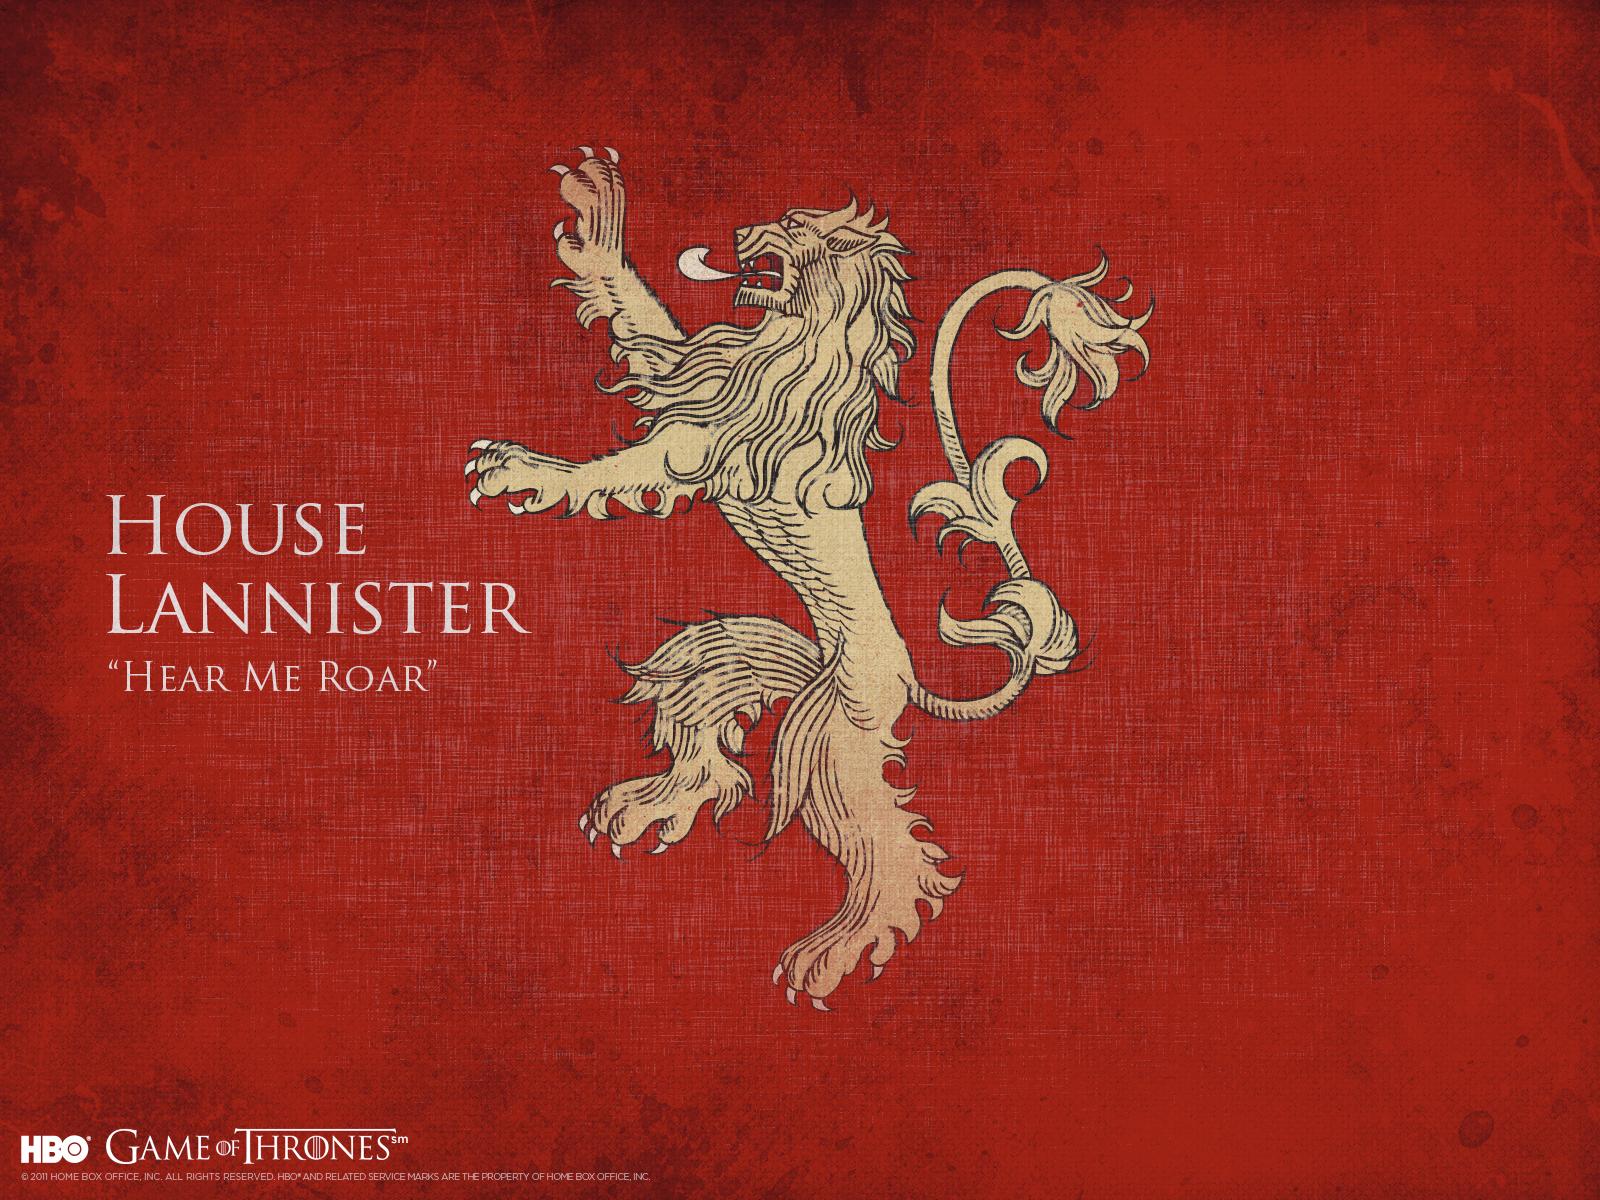 http://2.bp.blogspot.com/-iAyfgDG0tLM/T0pT8KLGeBI/AAAAAAAAAxE/xFMwAUSg_Gk/s1600/Game+of+Thrones+-+House+Lannister.jpg